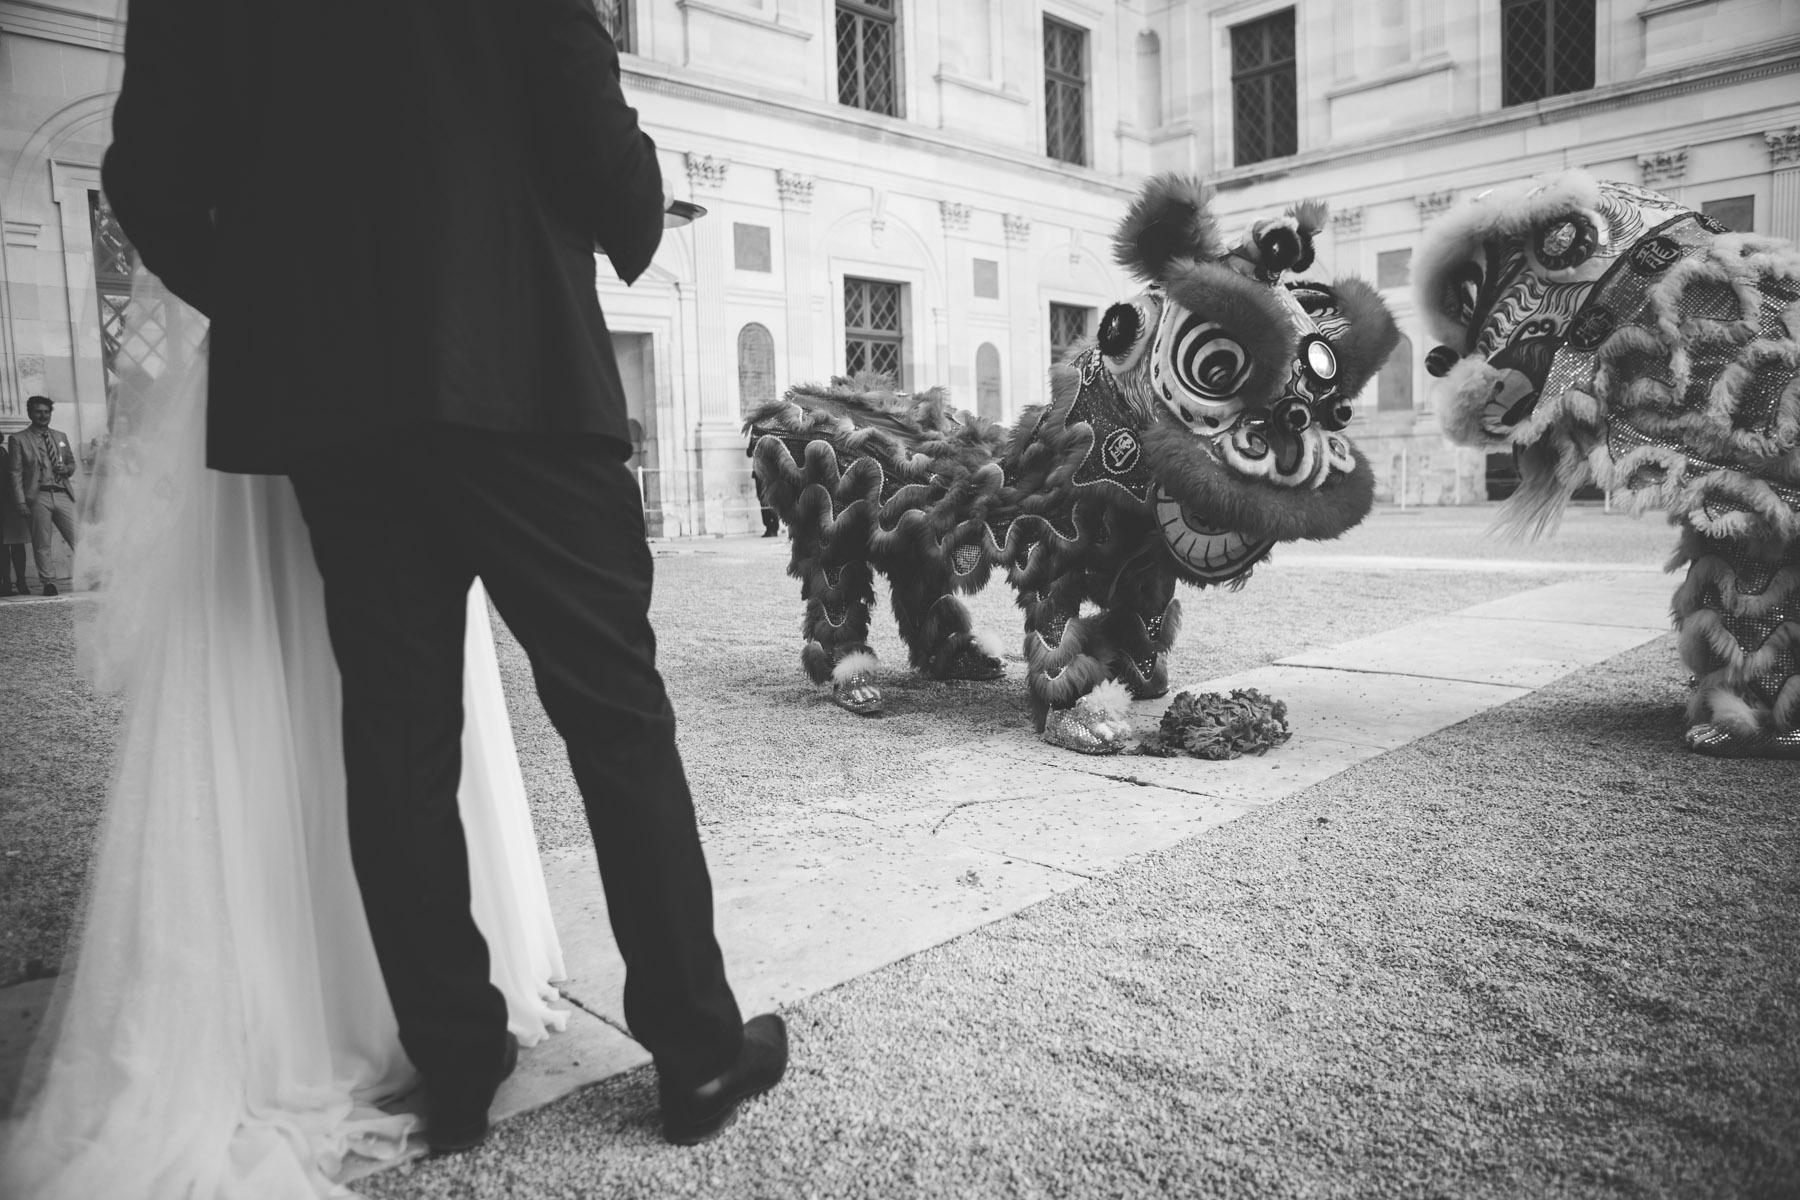 Photographe de mariage à Dijon en Bourgogne. Mariagefranco-chinois à Ancy-le-Franc en Bourgogne.